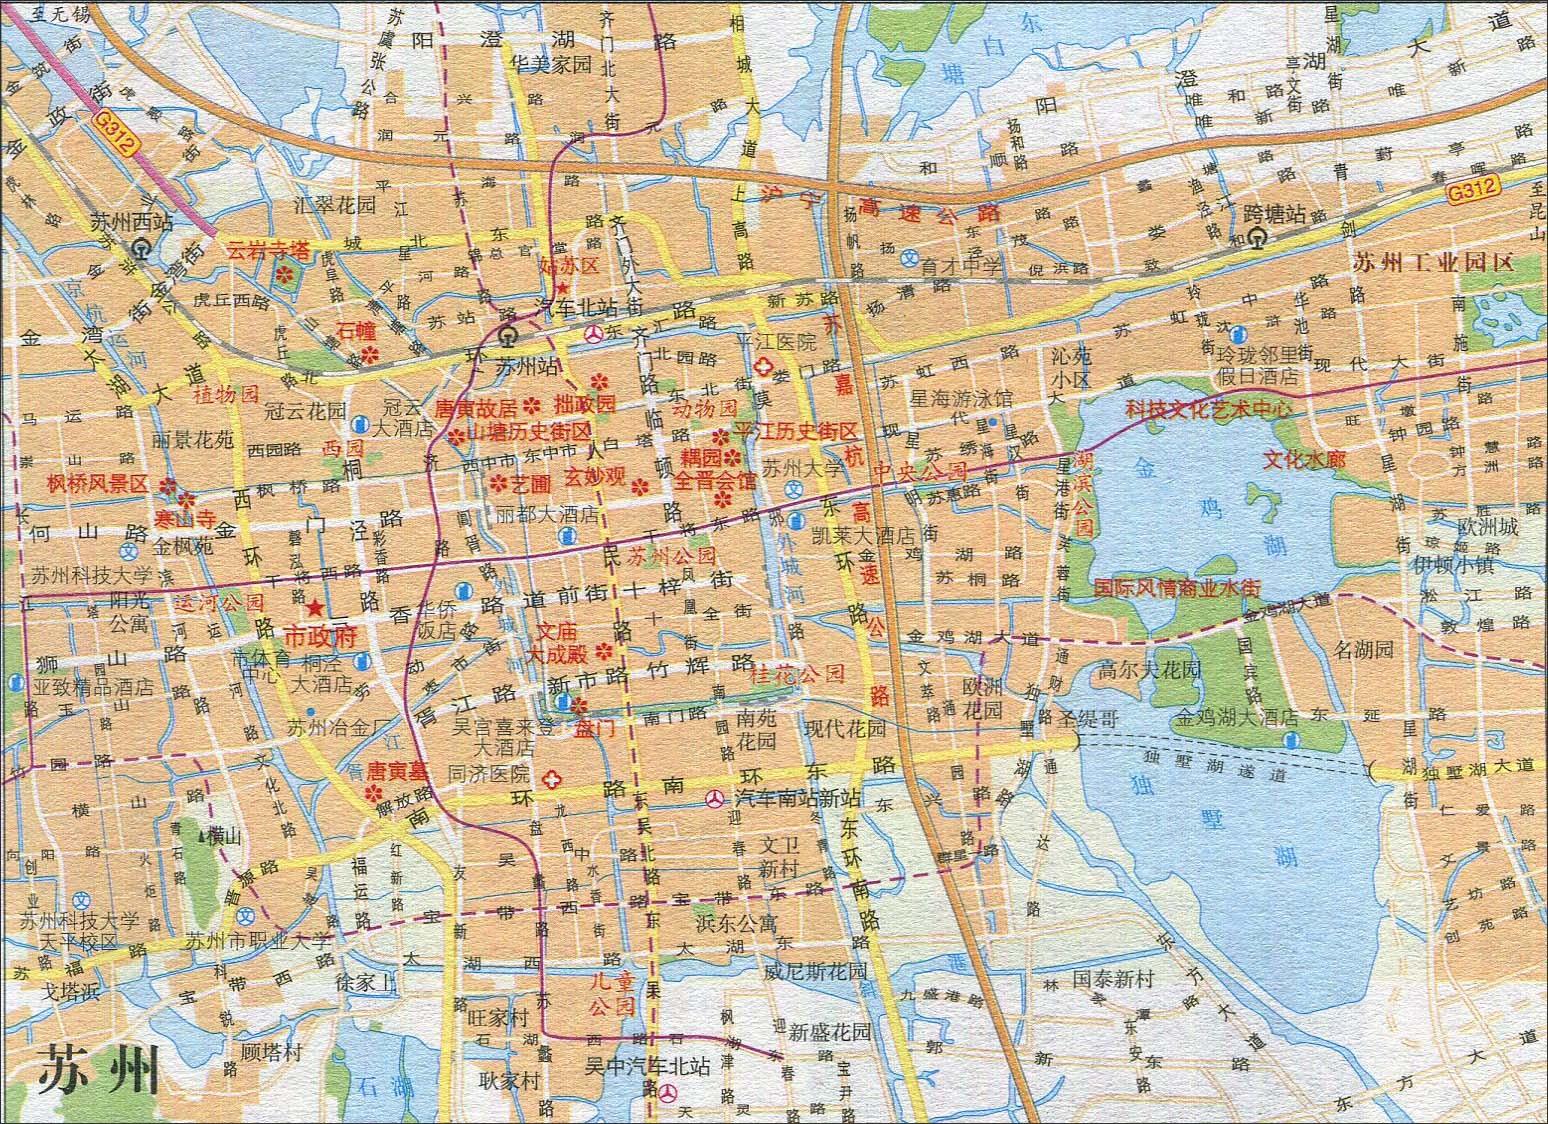 苏州旅游交通地图图片